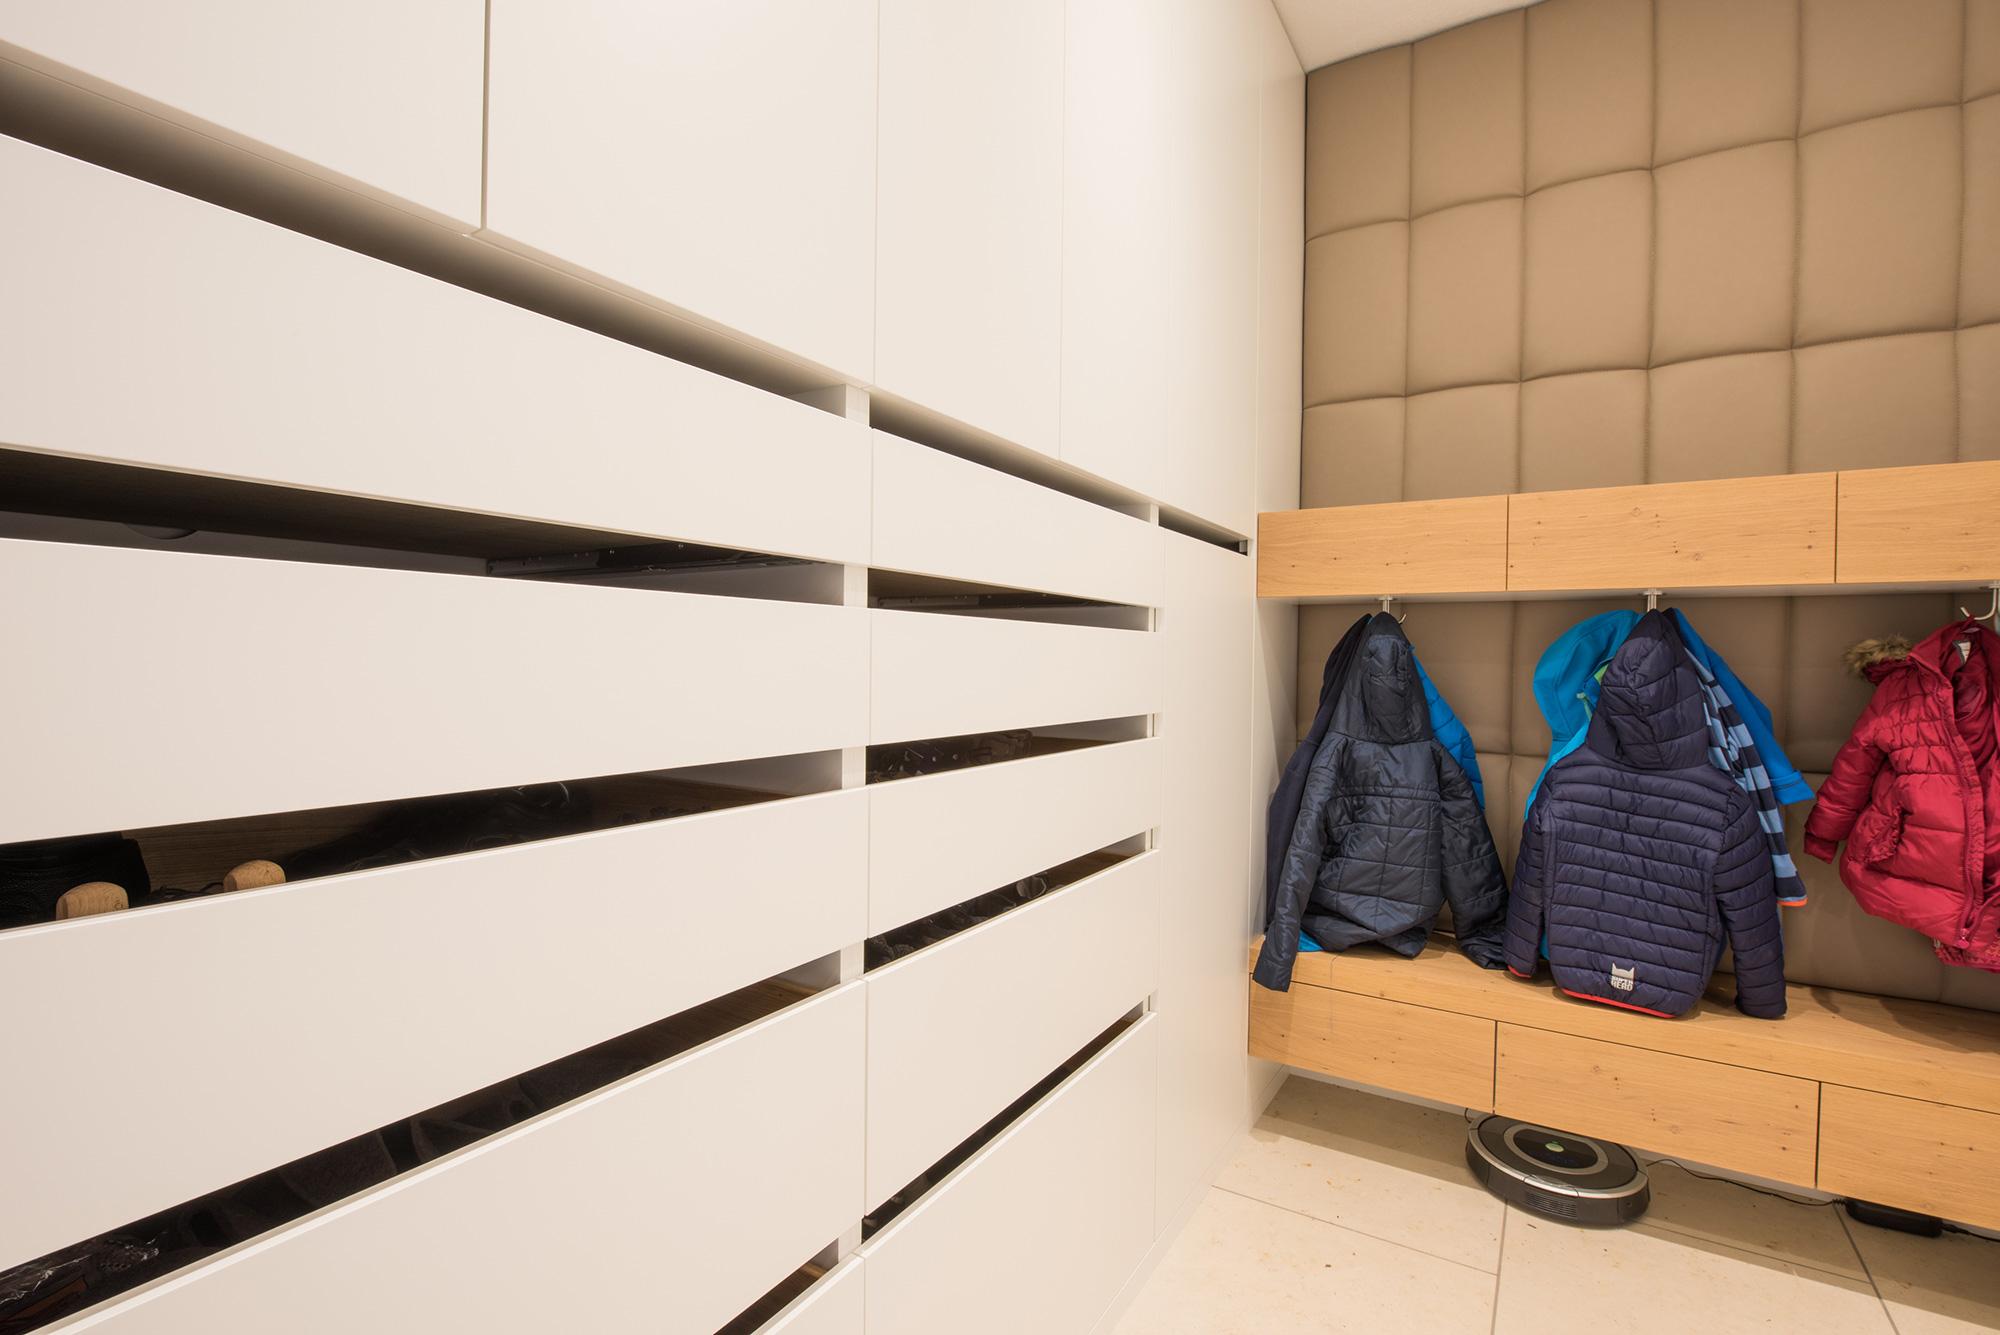 Wohnideen Vorraum vorraum kieslinger wohnmanufaktur sigharting